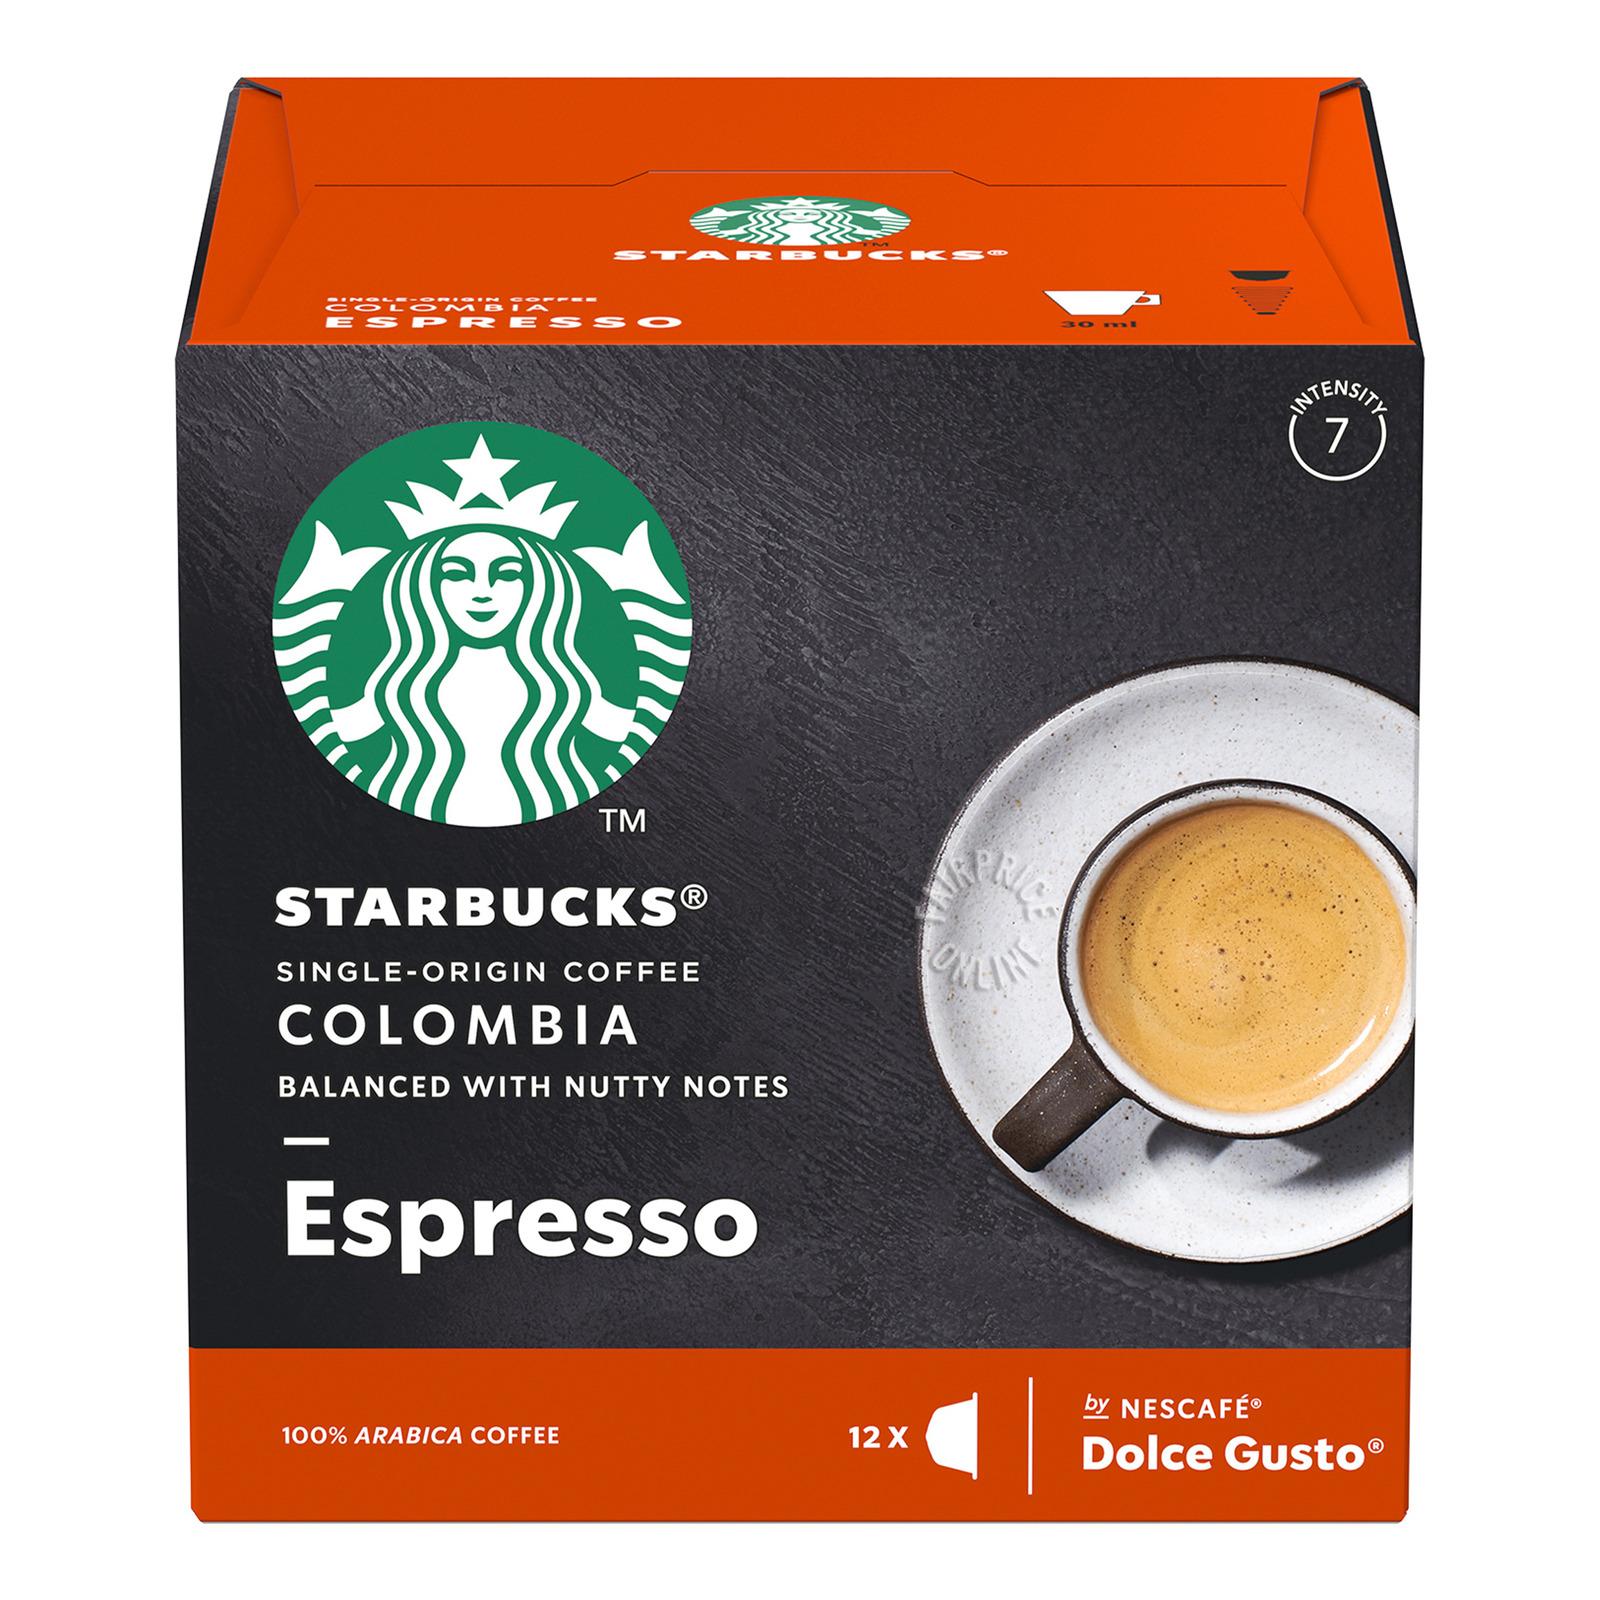 Starbucks Coffee Capsules - Espresso (Colombia)